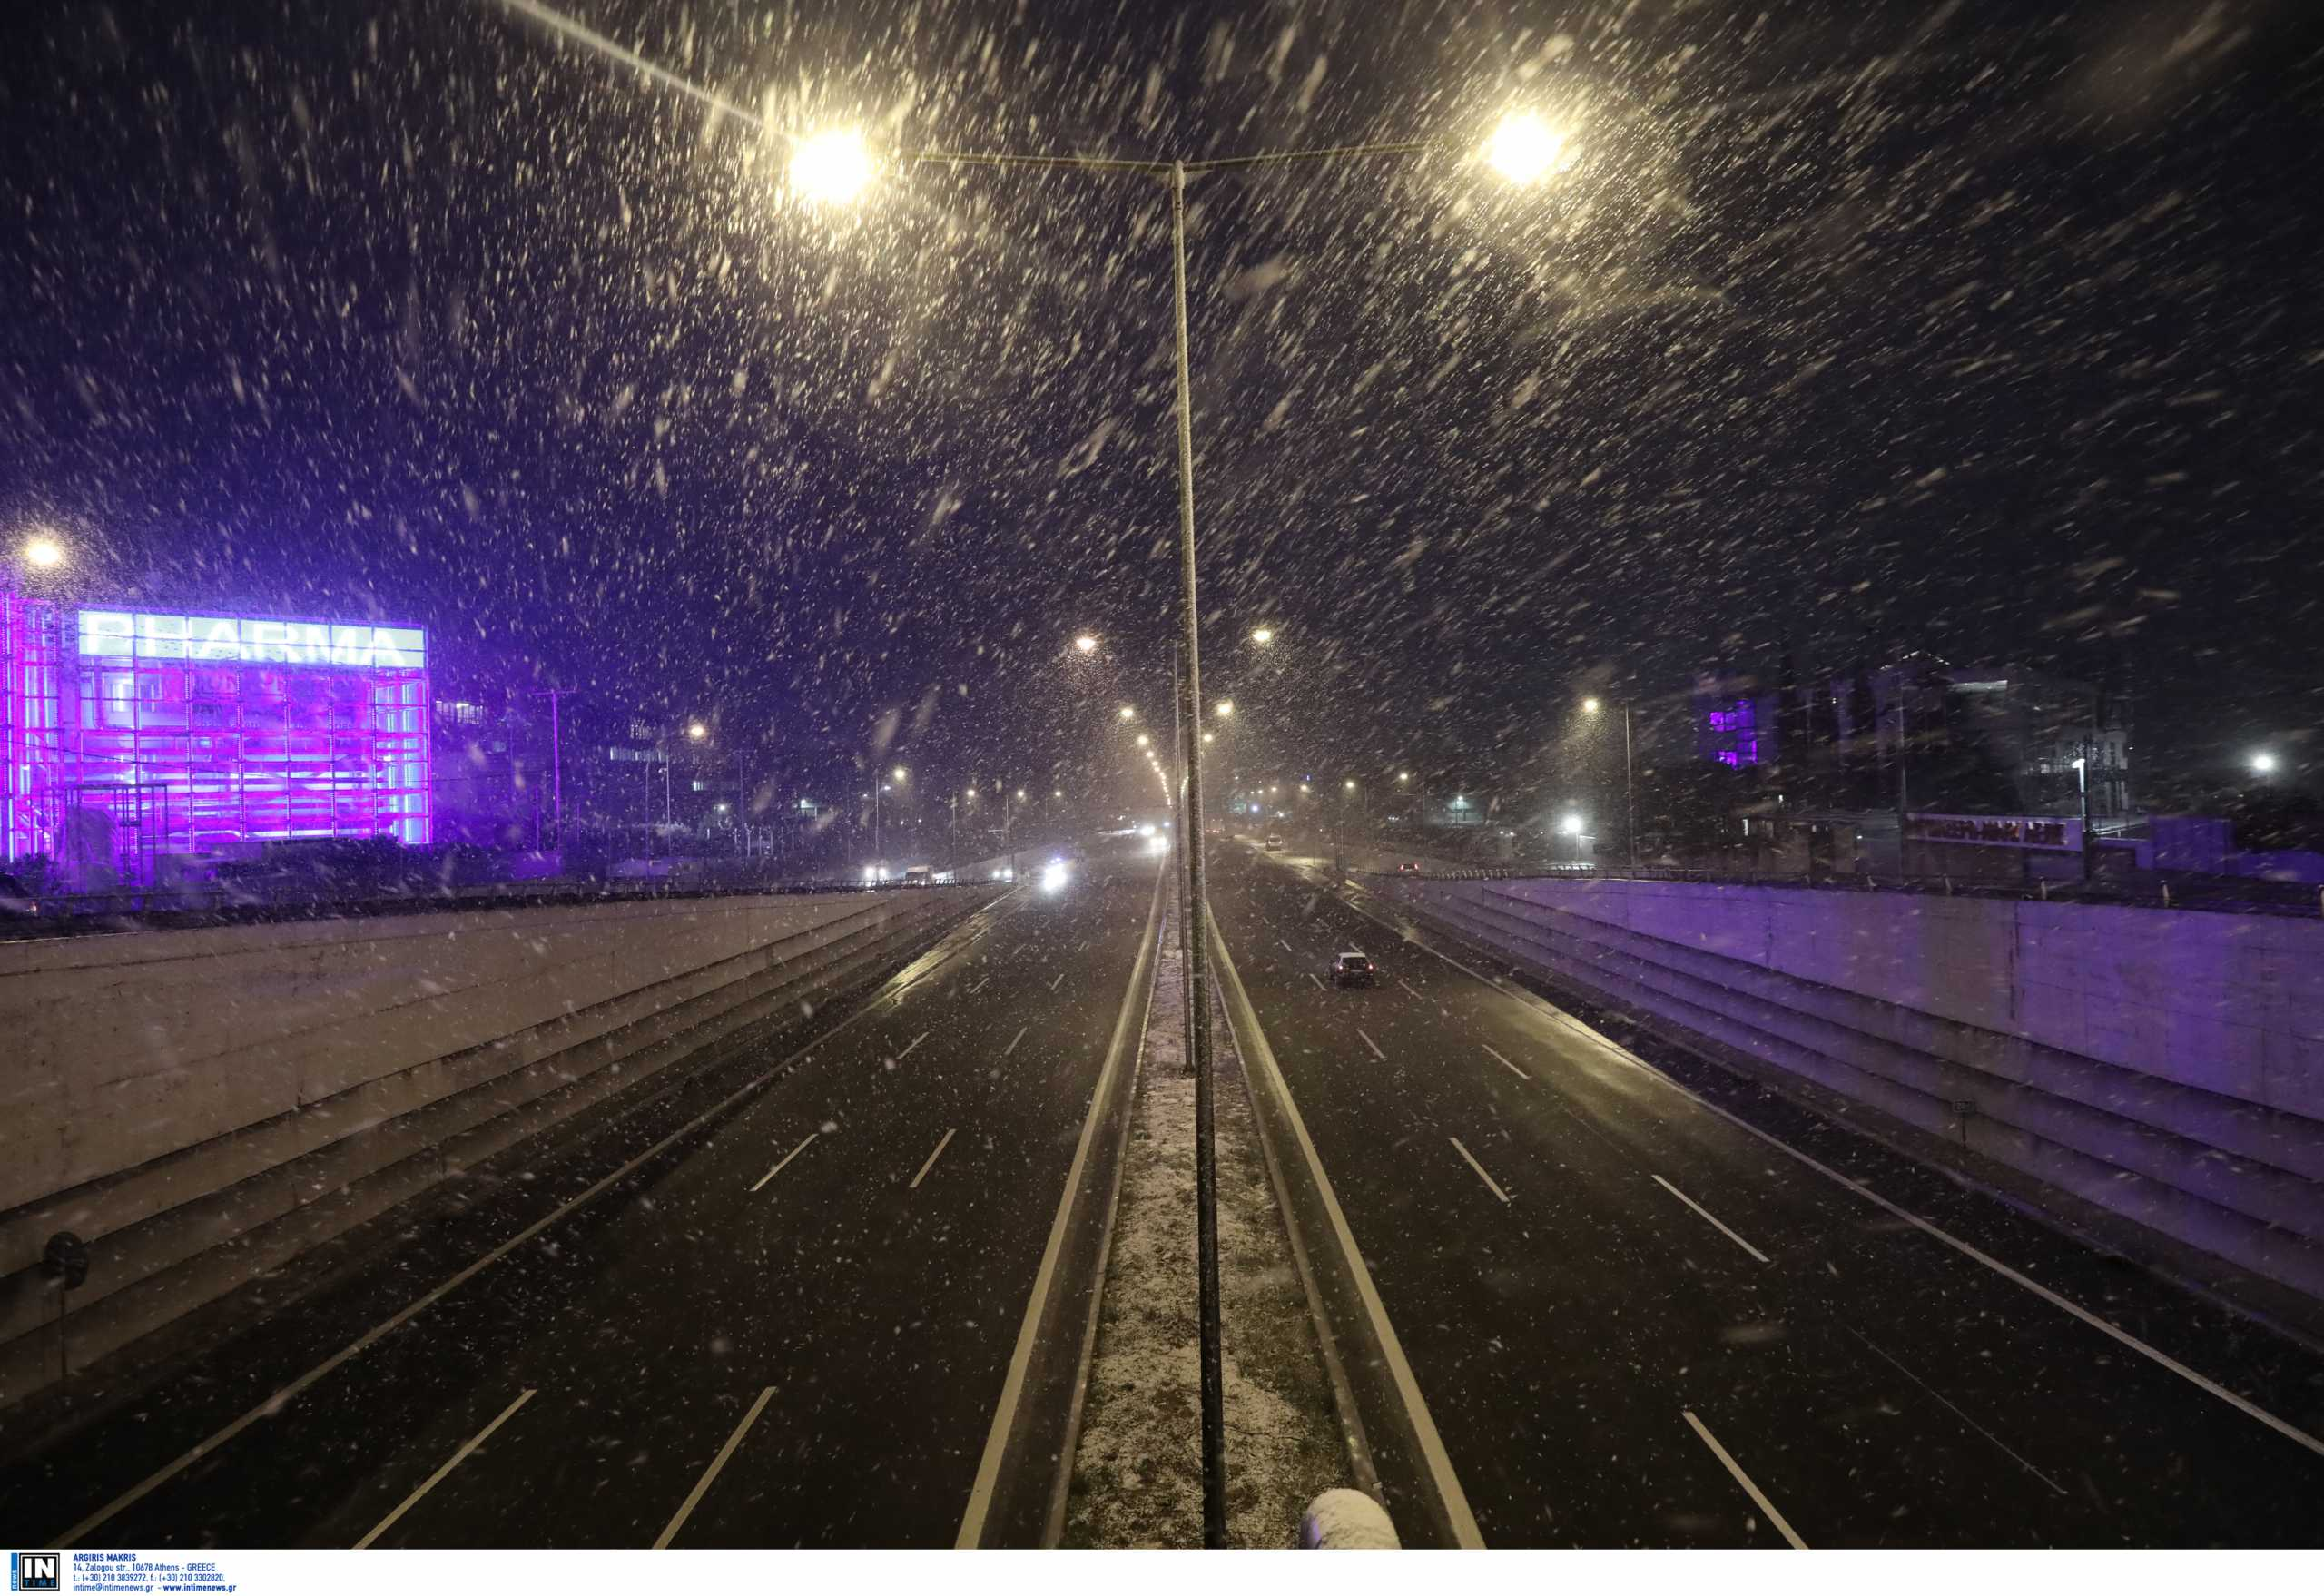 Ανατροπή νταλίκας στην εθνική οδό Αθηνών – Λαμίας